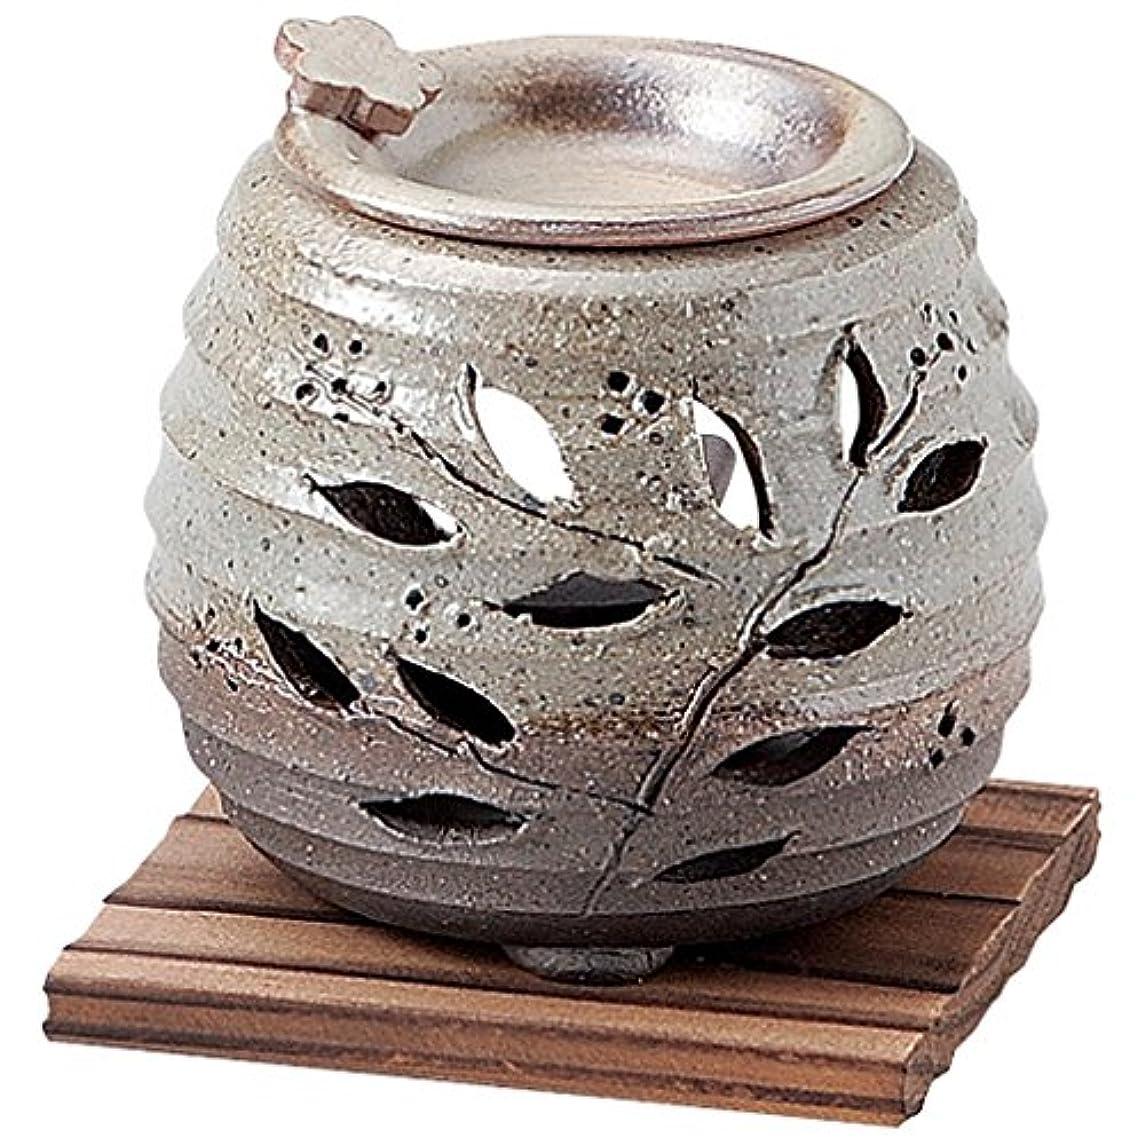 家類人猿ラオス人山下工芸 常滑焼 石龍緑灰釉花茶香炉 板付 10.5×11×11cm 13045750